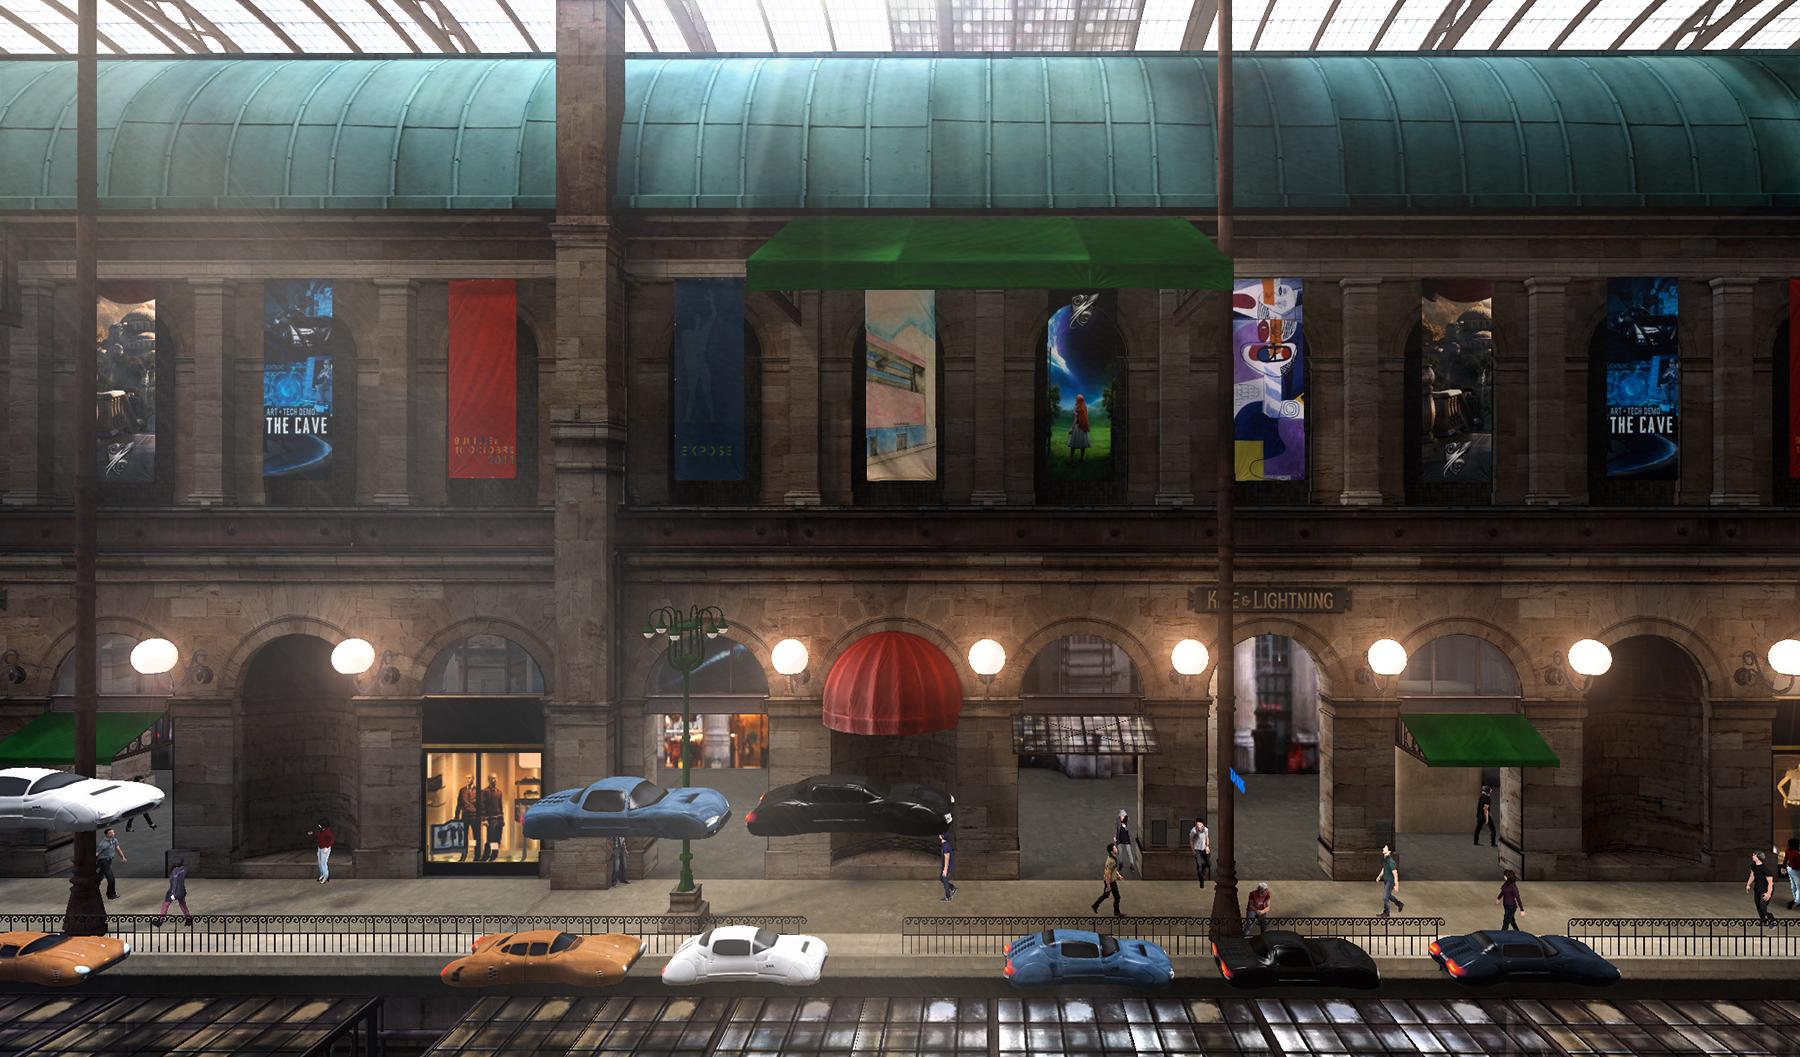 K&L-Station-Facade-01.jpg